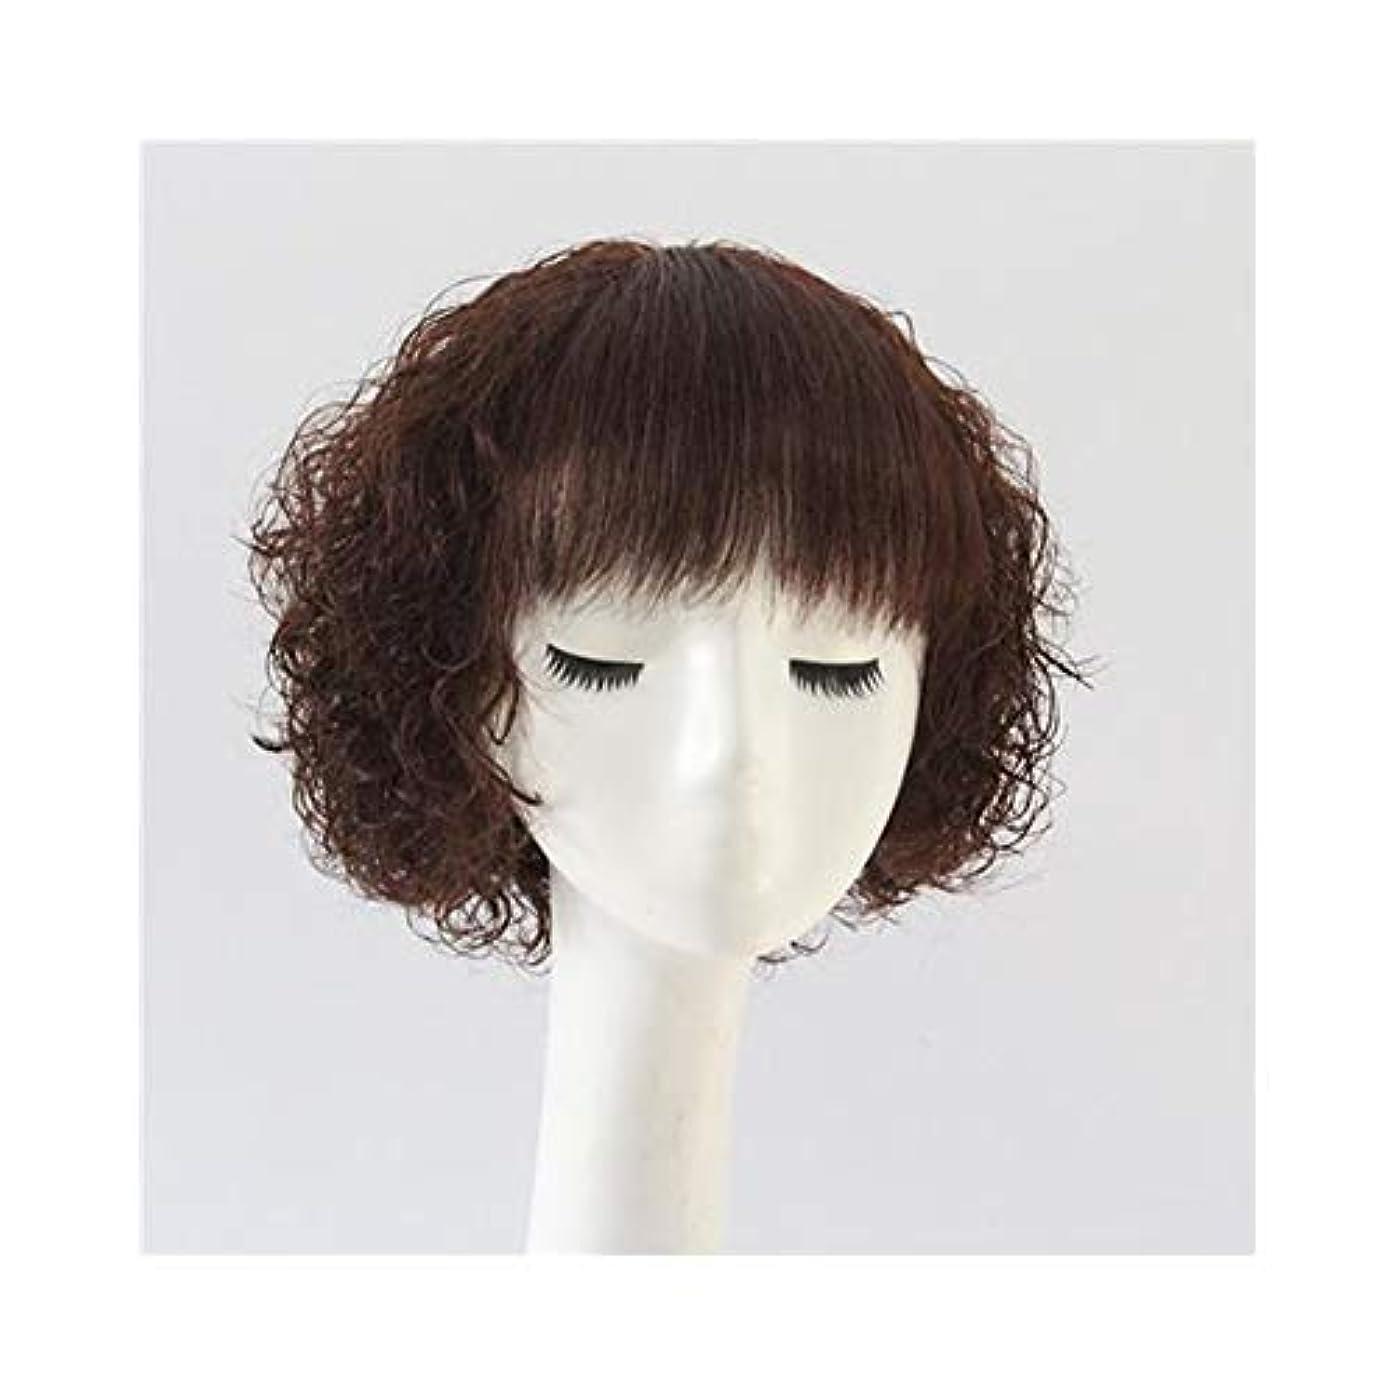 合併症考えたヒステリックYOUQIU 女性ファッションナチュラル耐熱性繊維ウィッグかつらのために100%実髪ショートカーリーヘア (色 : Dark brown)